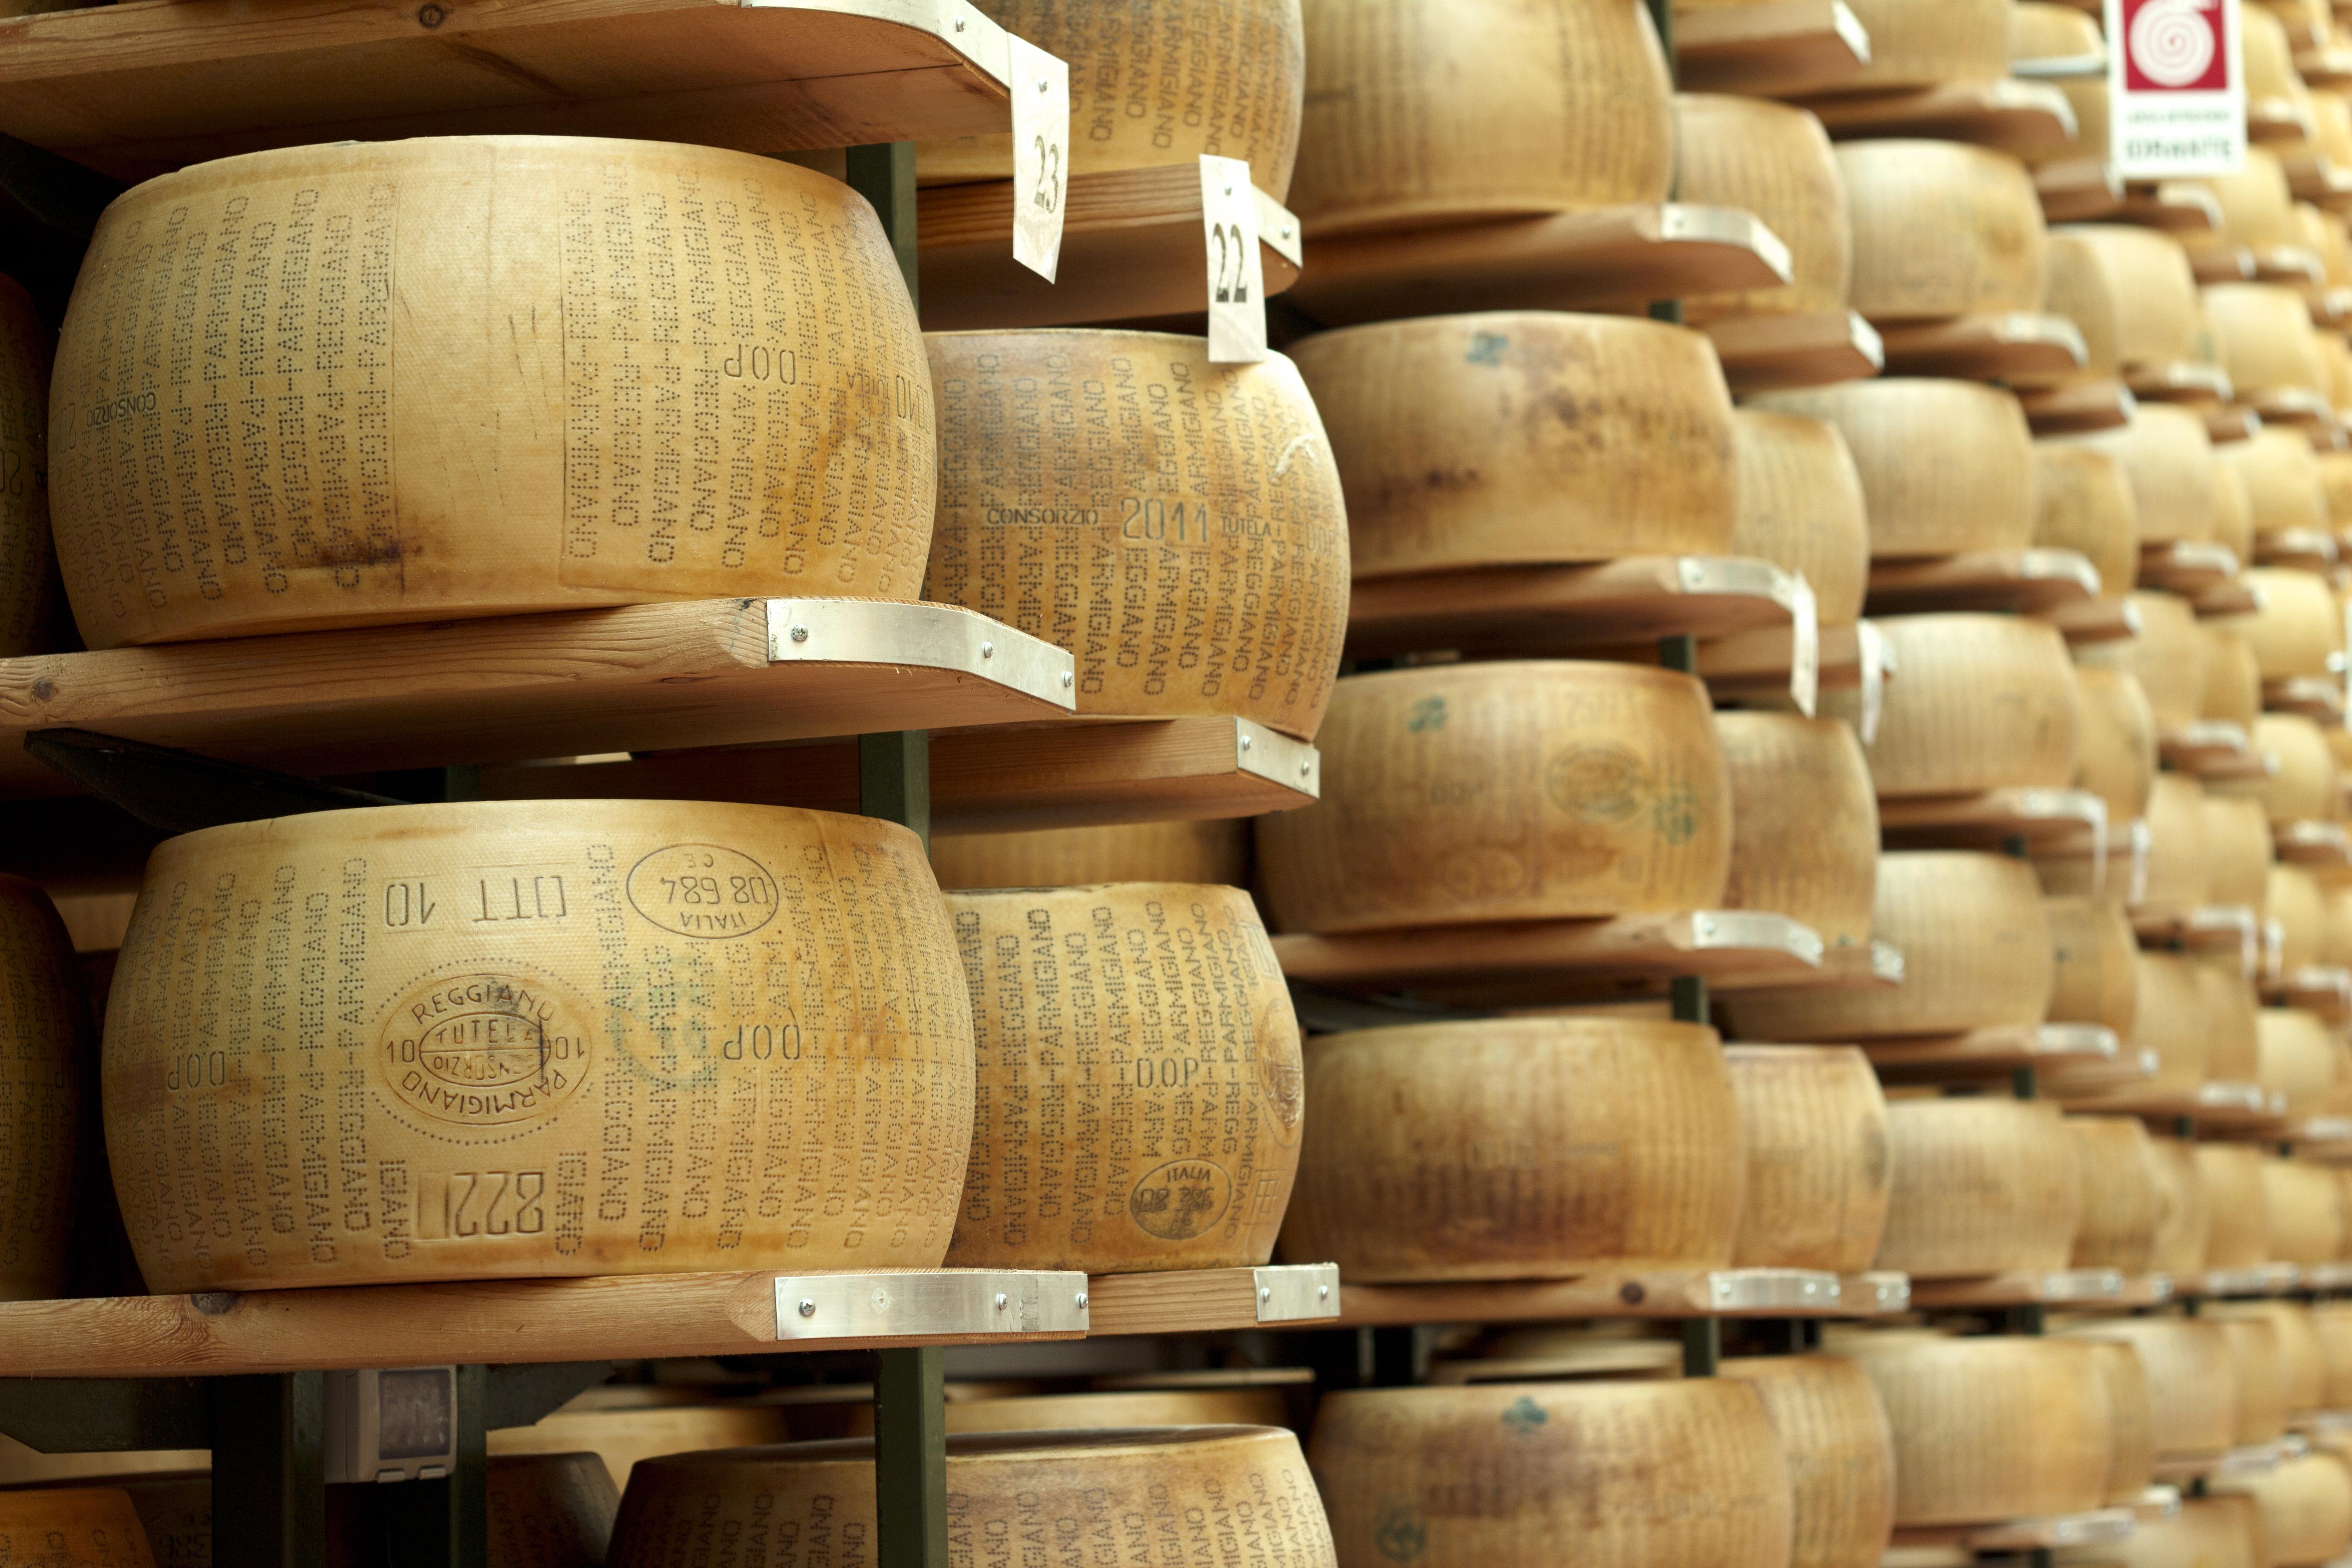 Parmigiano-Reggiano cheese wheels - parma italy